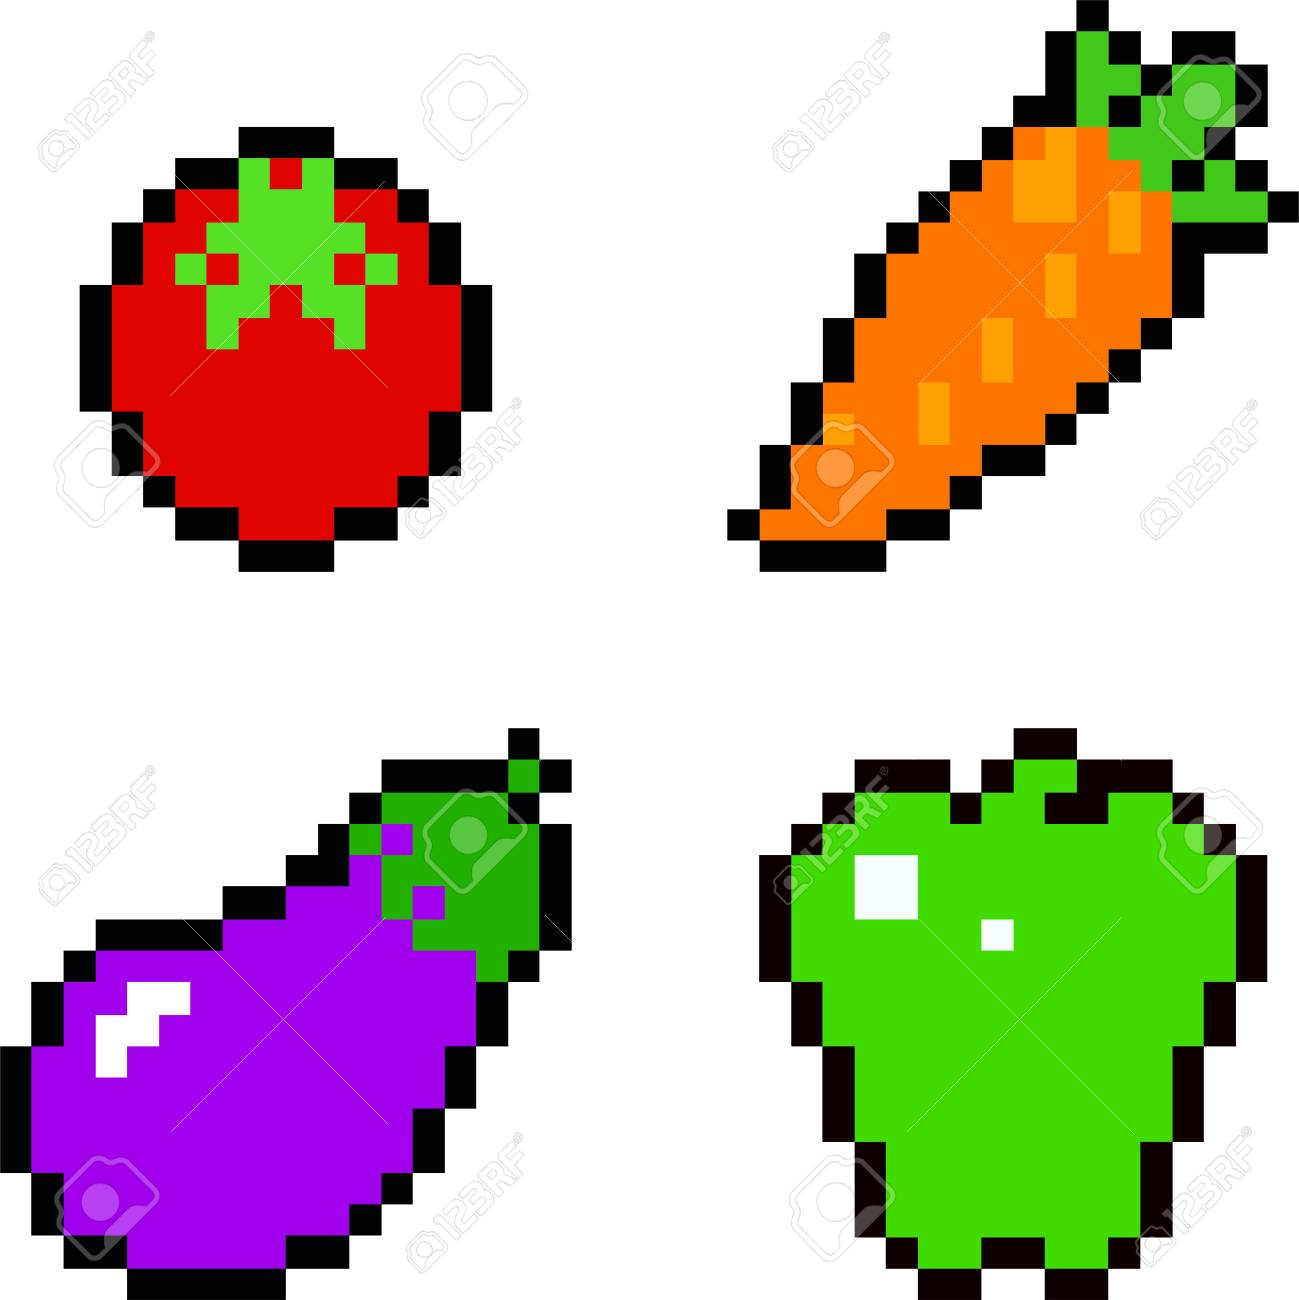 ピクセル アート スタイルのフード アイコンのセットです果物と野菜